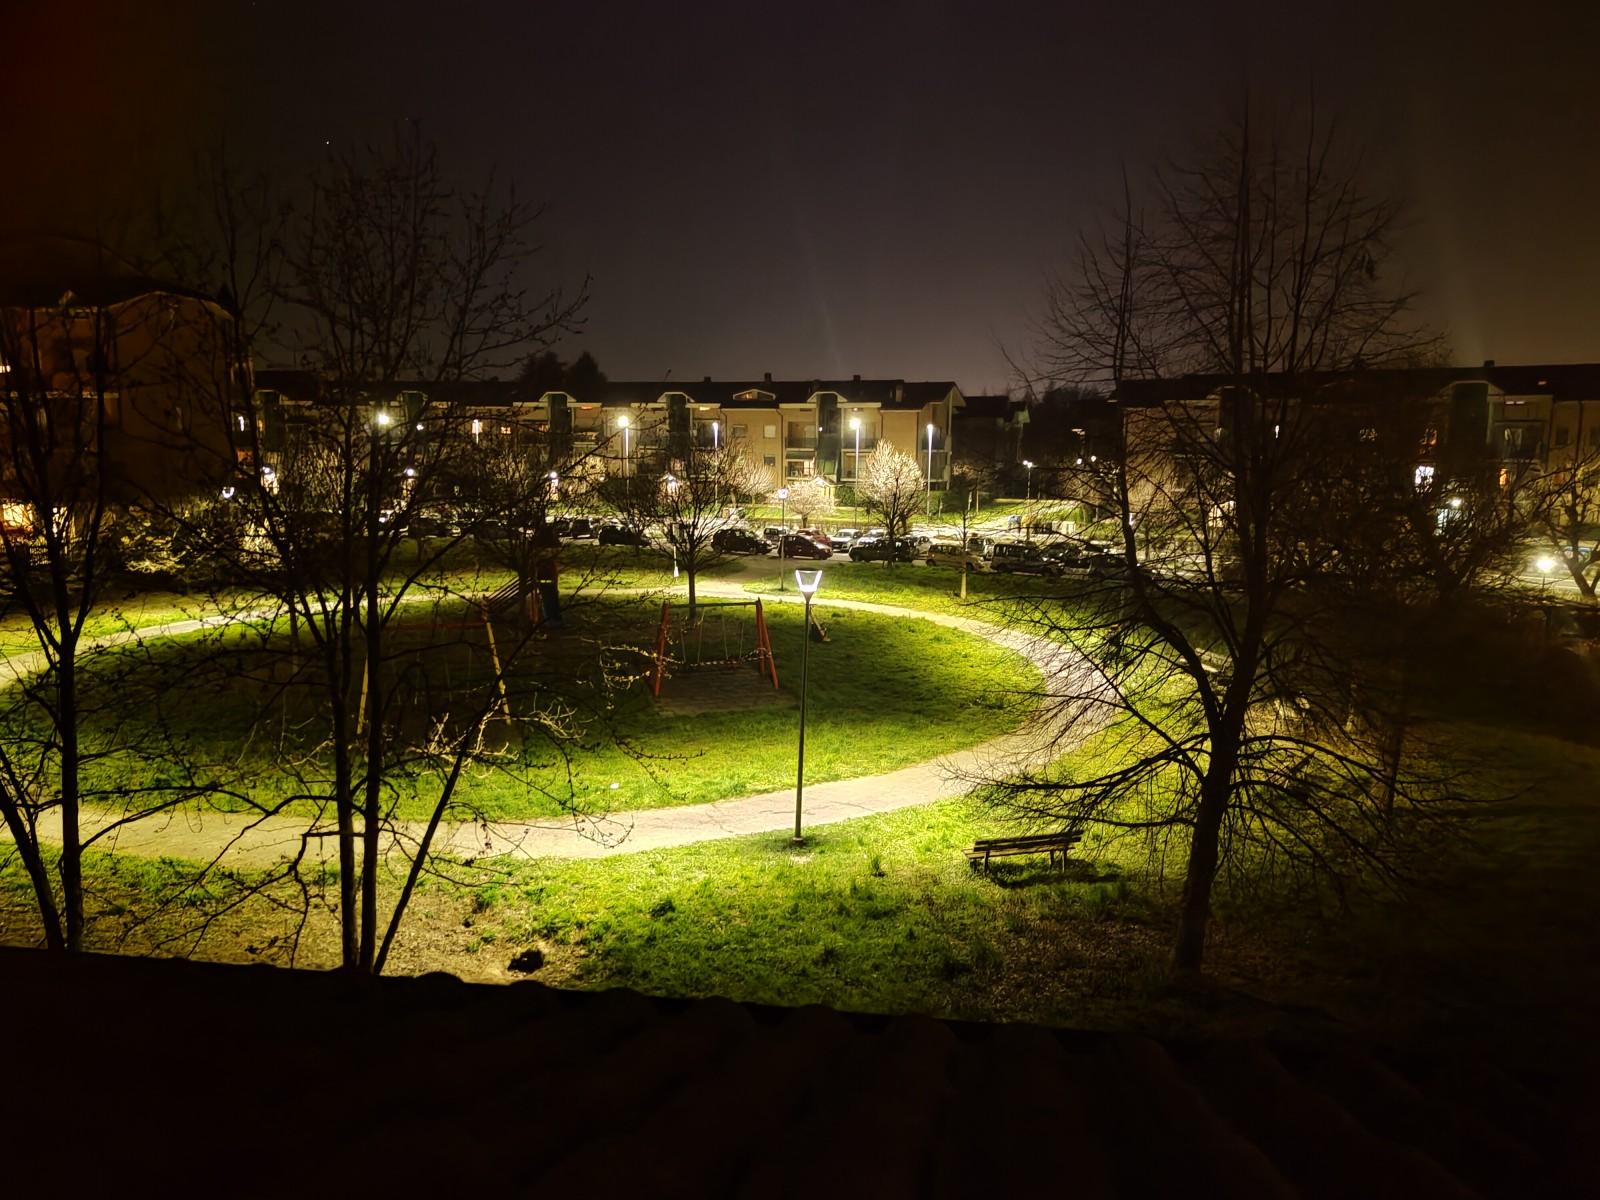 Modalità notte attiva